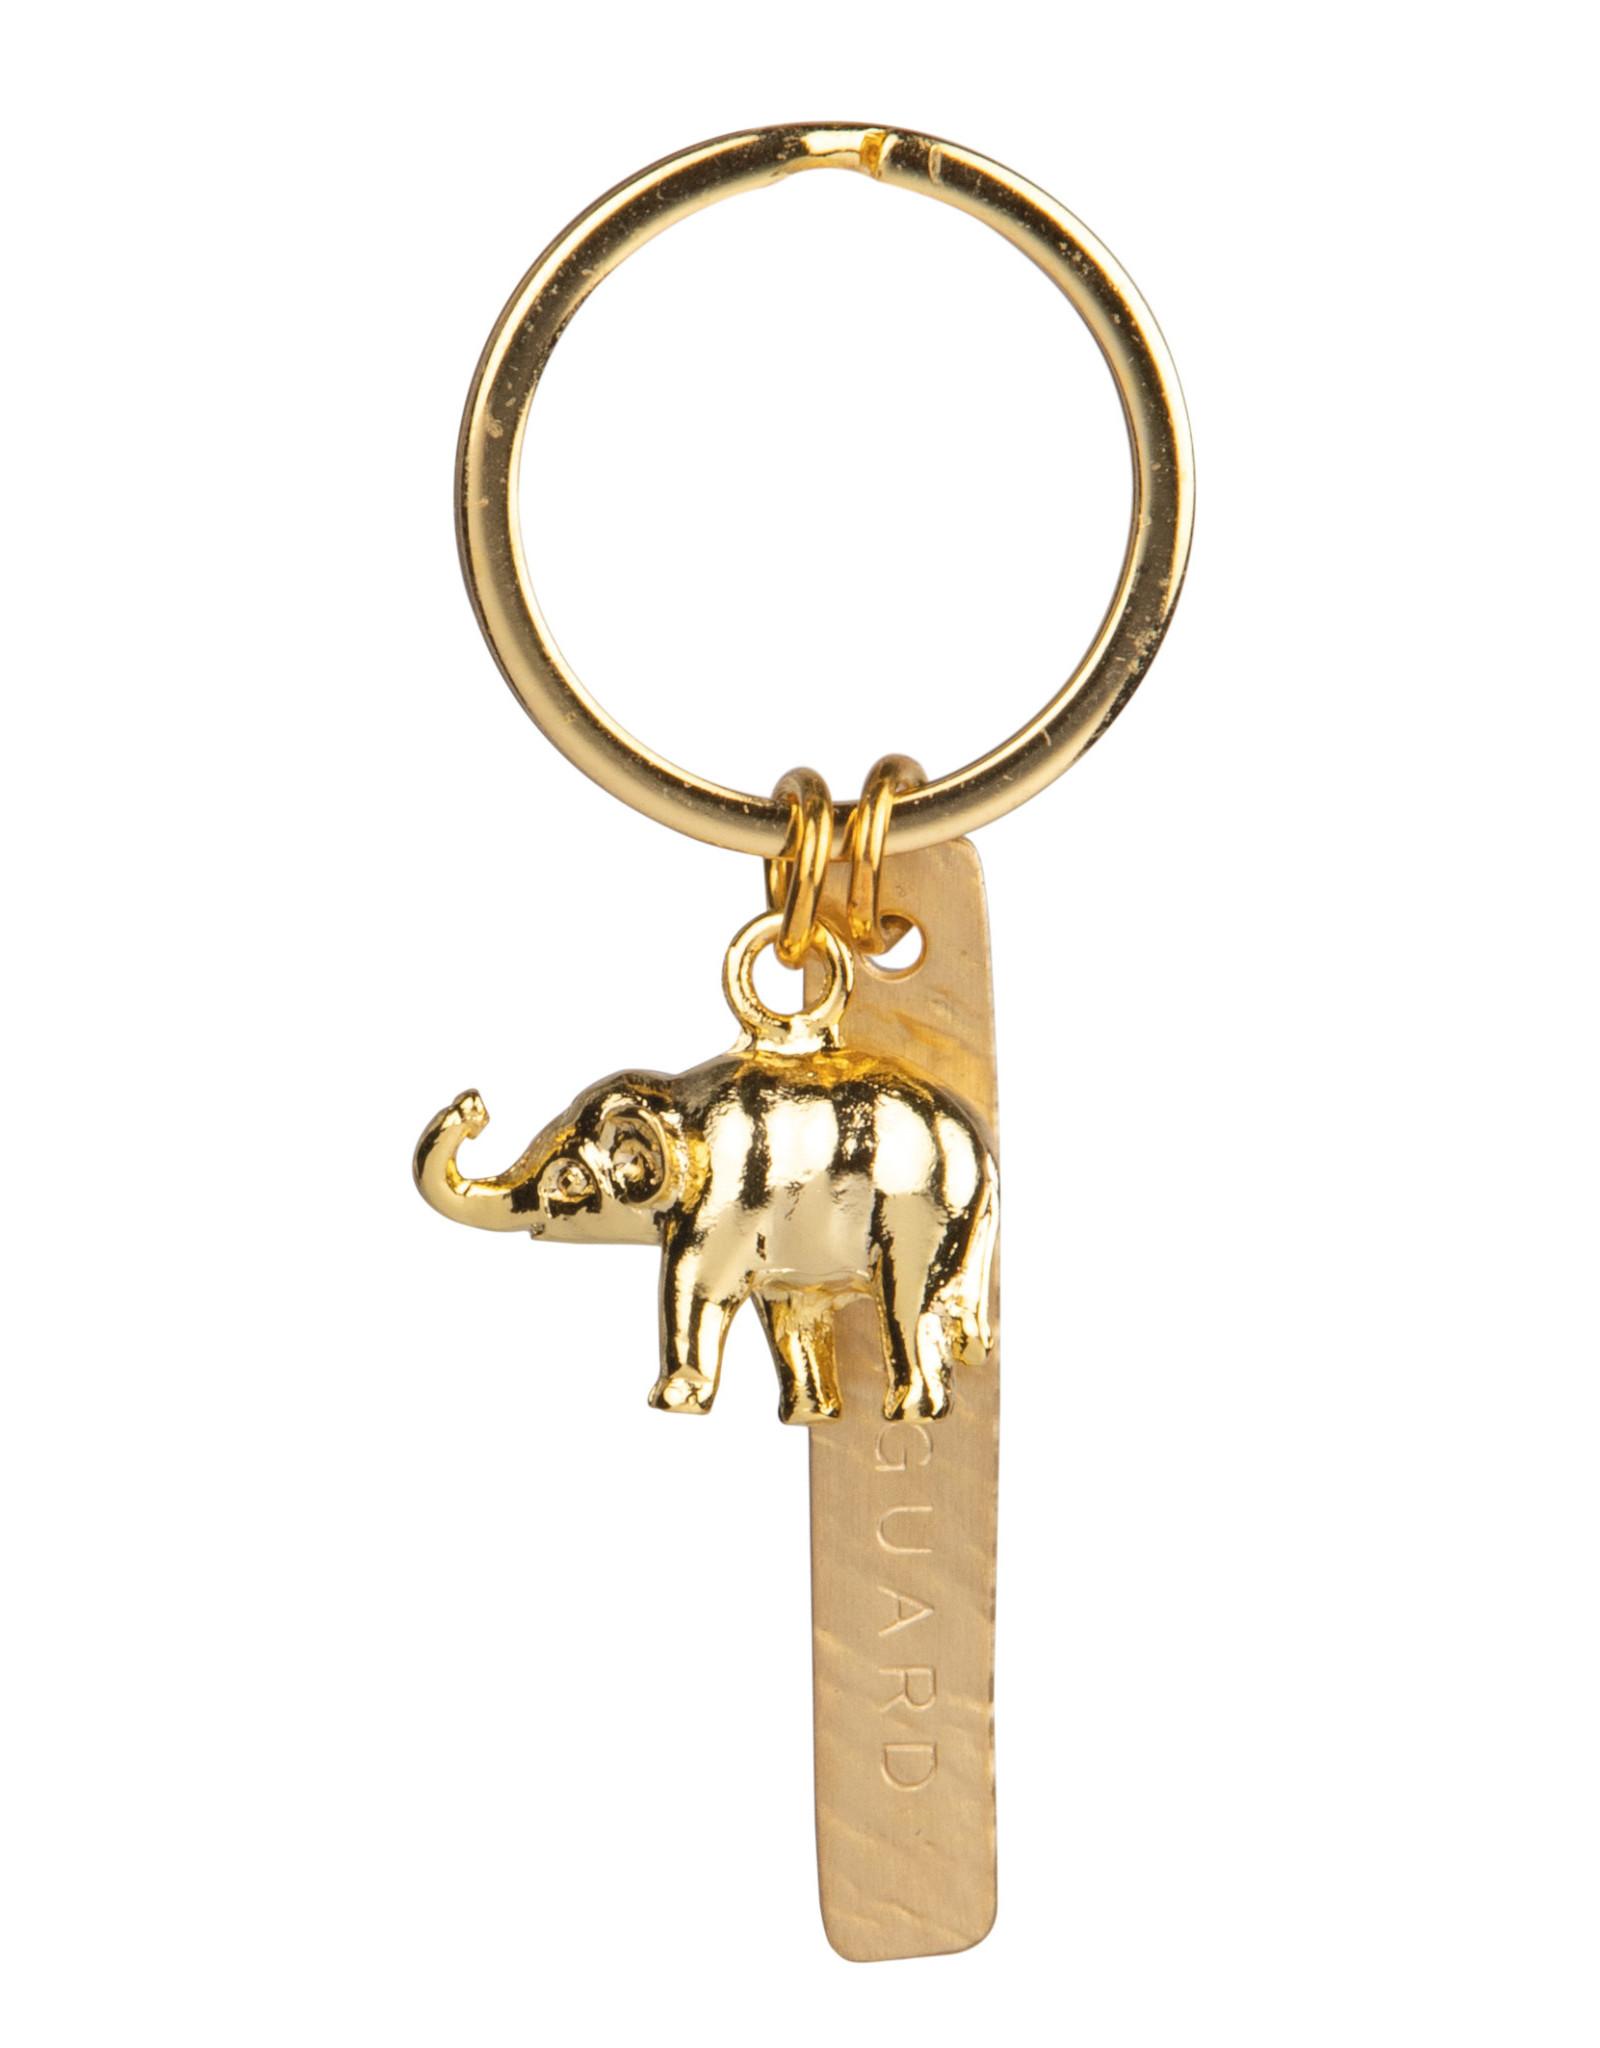 Raeder Sleutelhanger Bodyguard  olifant goud 5x3cm, gold